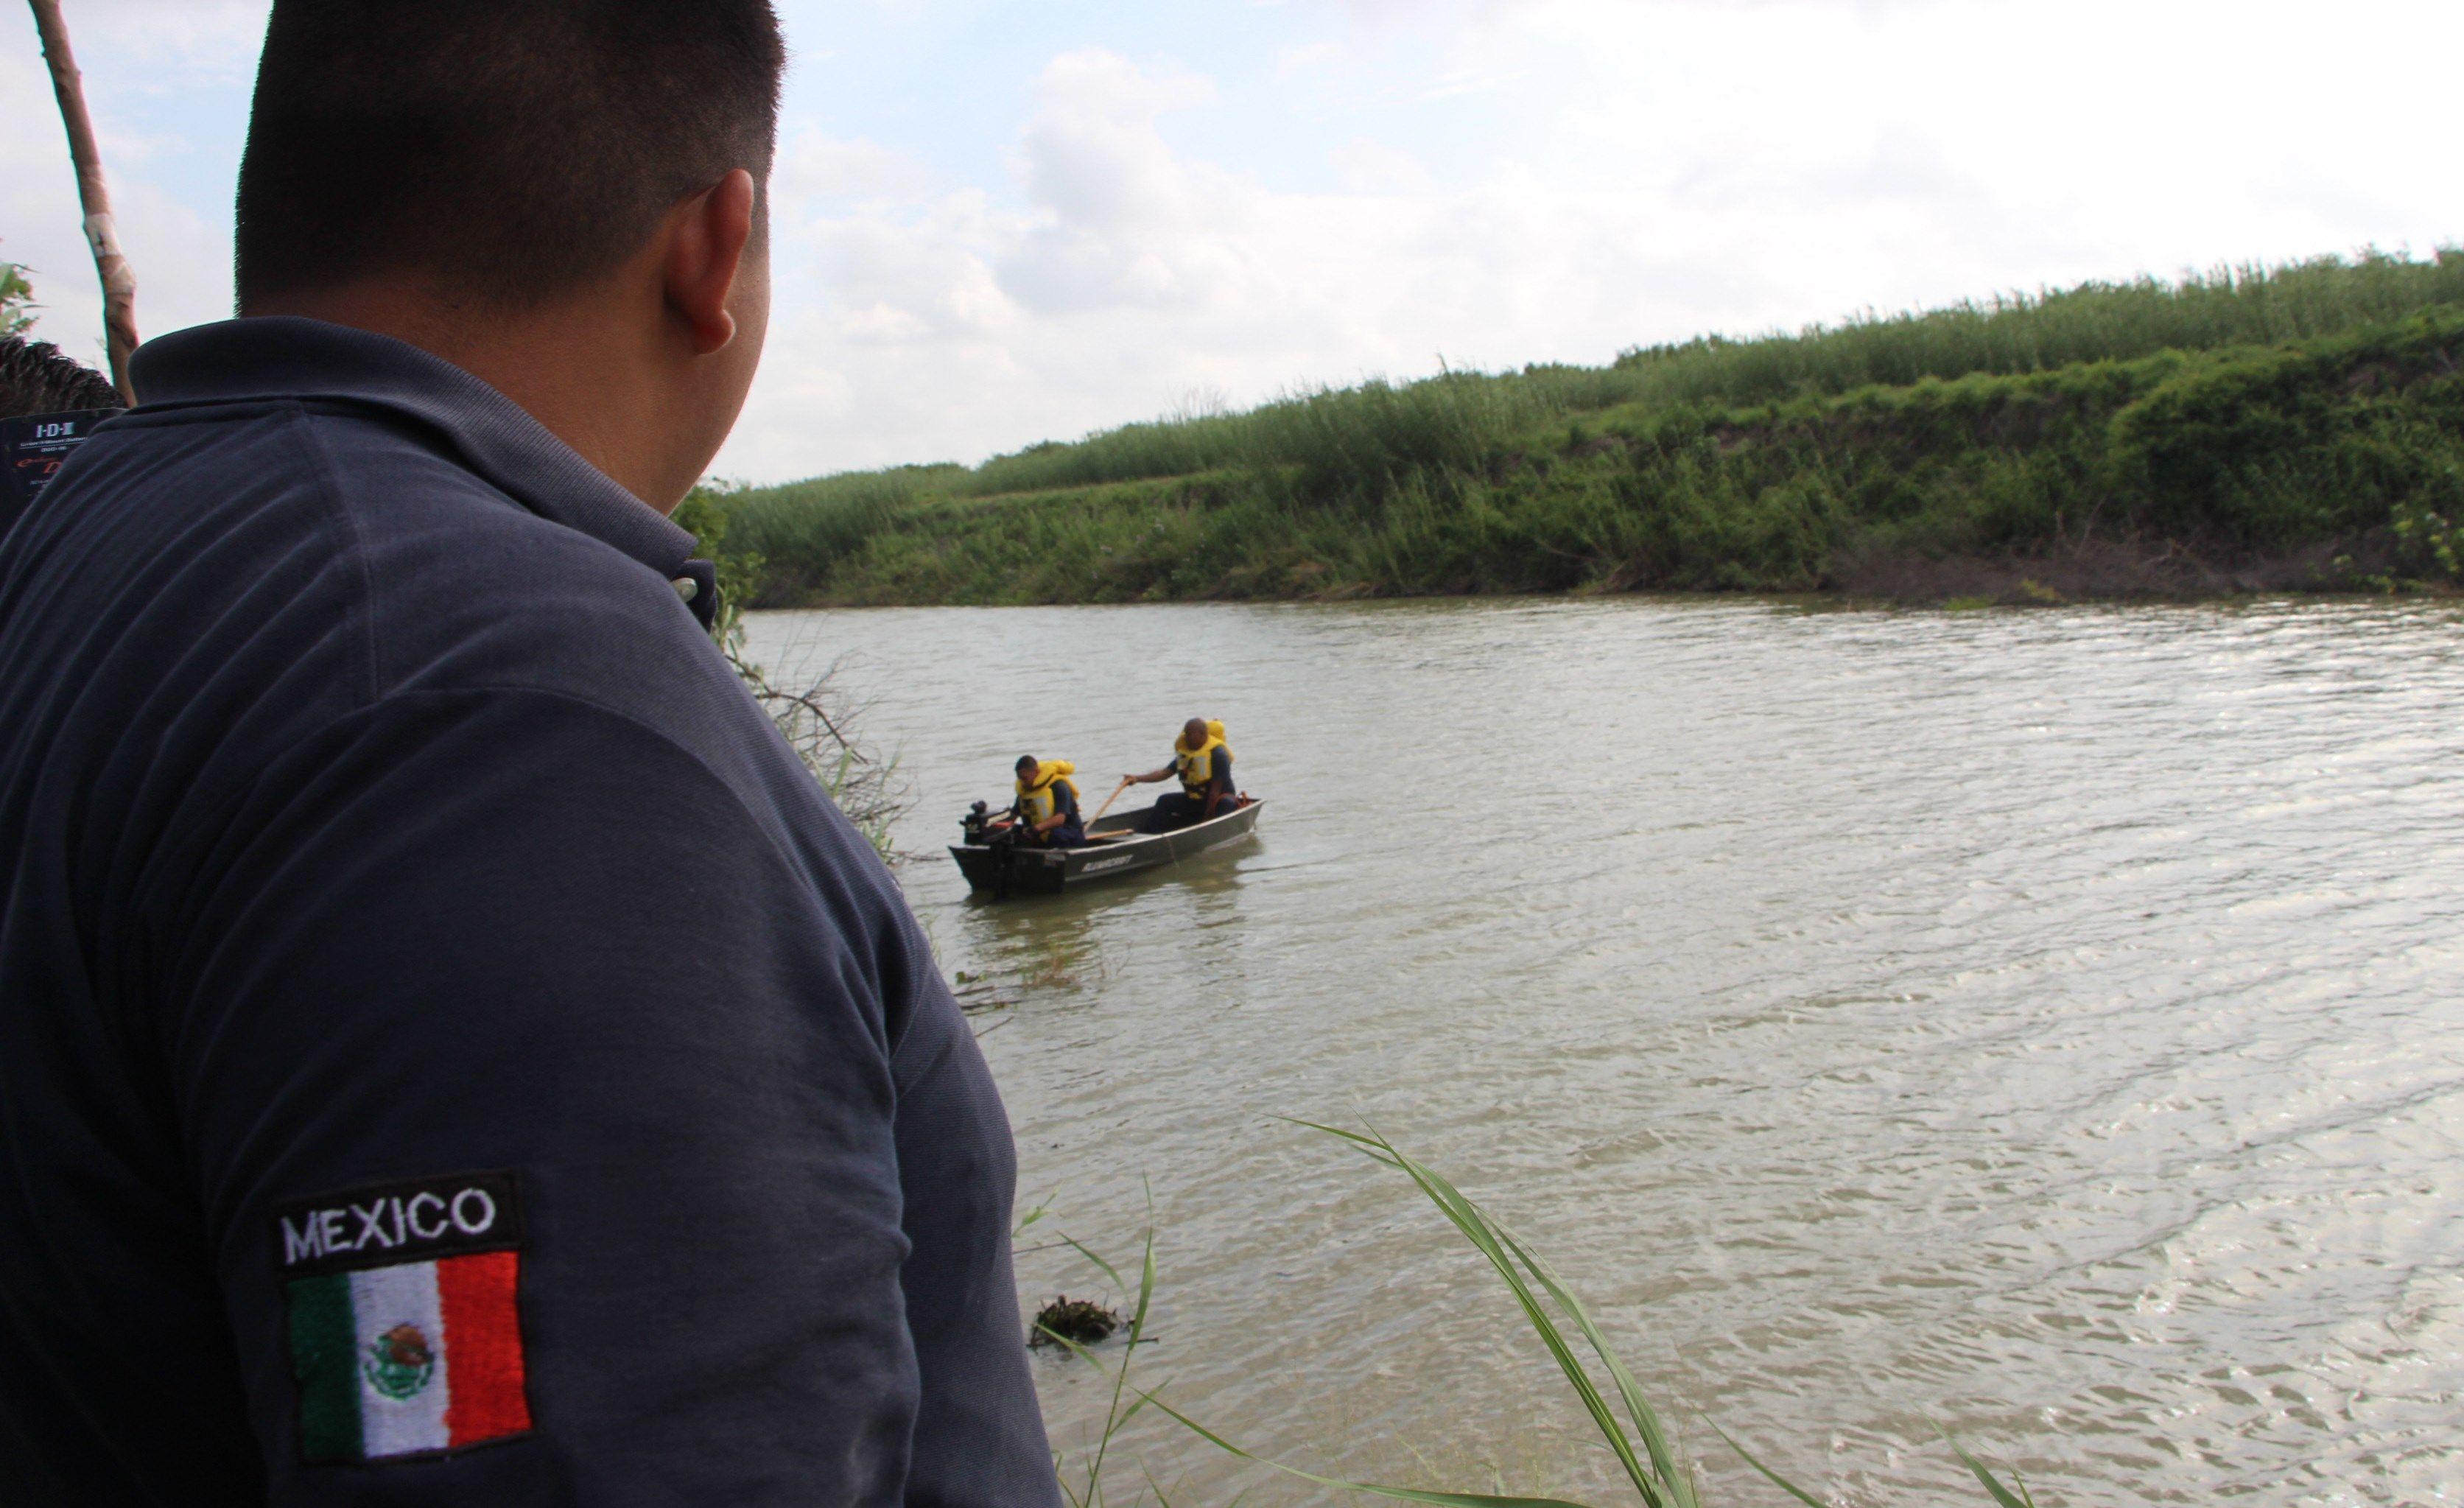 Rescatista de Protección Civil mexicana en la zona donde fueron hallados los cuerpos sin vida de presunto migrante y su bebé, ambos de origen salvadoreño, a la orilla del Río Bravo en Matamoros, frontera con Estados Unidos, en Tamaulipas. Foto de EFE/ Abraham Pineda-Jácome.